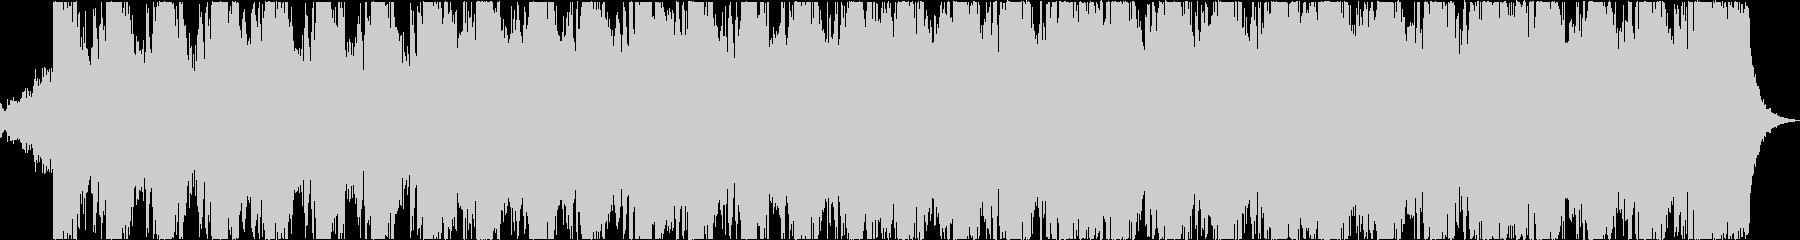 感動壮大企業VPエピックオーケストラcの未再生の波形